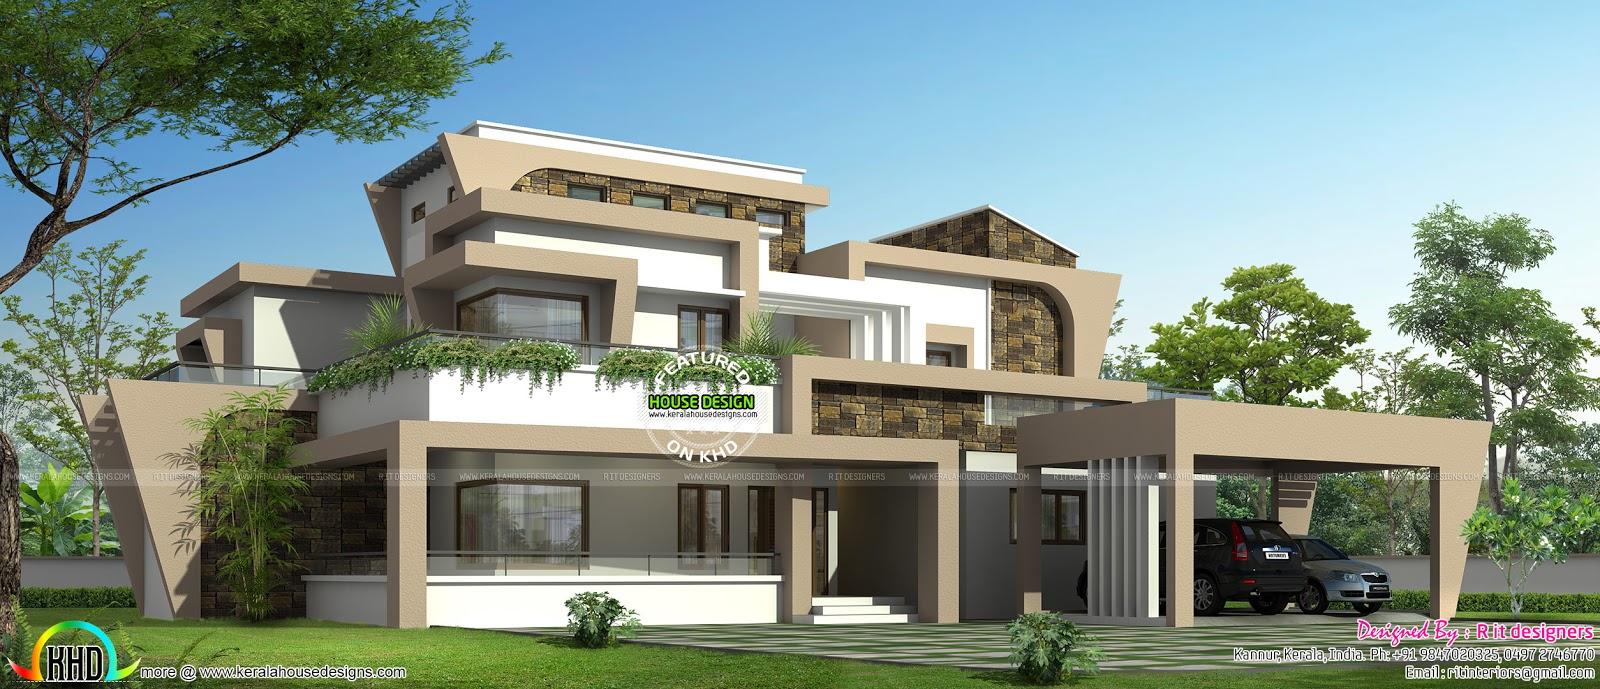 Unique modern home design in Kerala